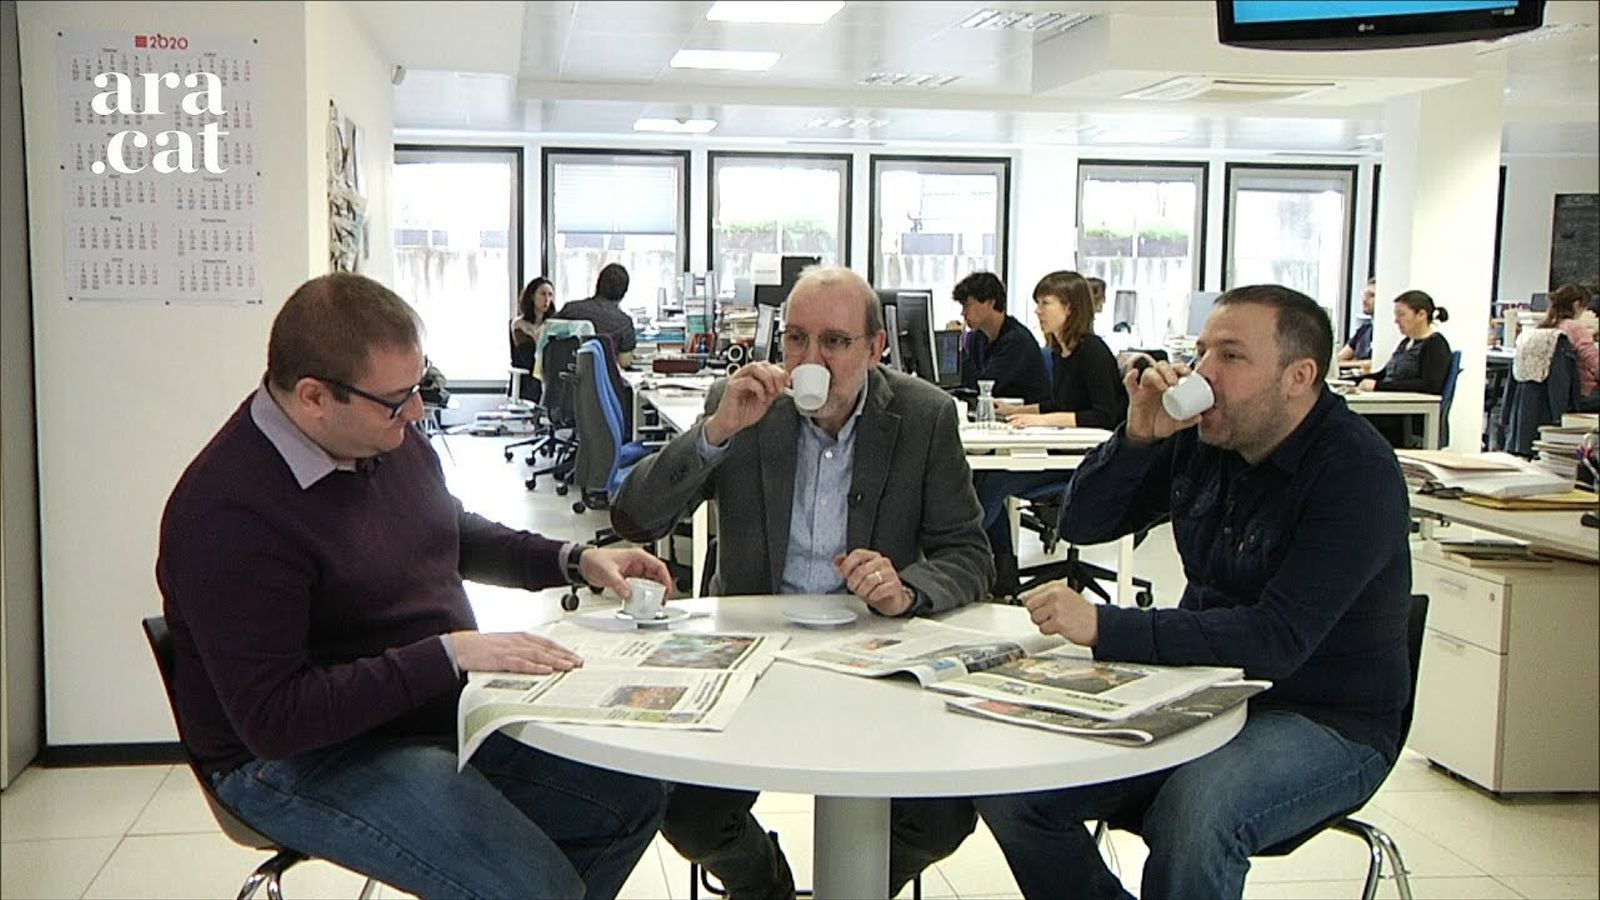 """El cafè de la Lliga: """"Vist el Barça a Mestalla, els cafès dels dilluns se'ns poden fer amargs"""""""